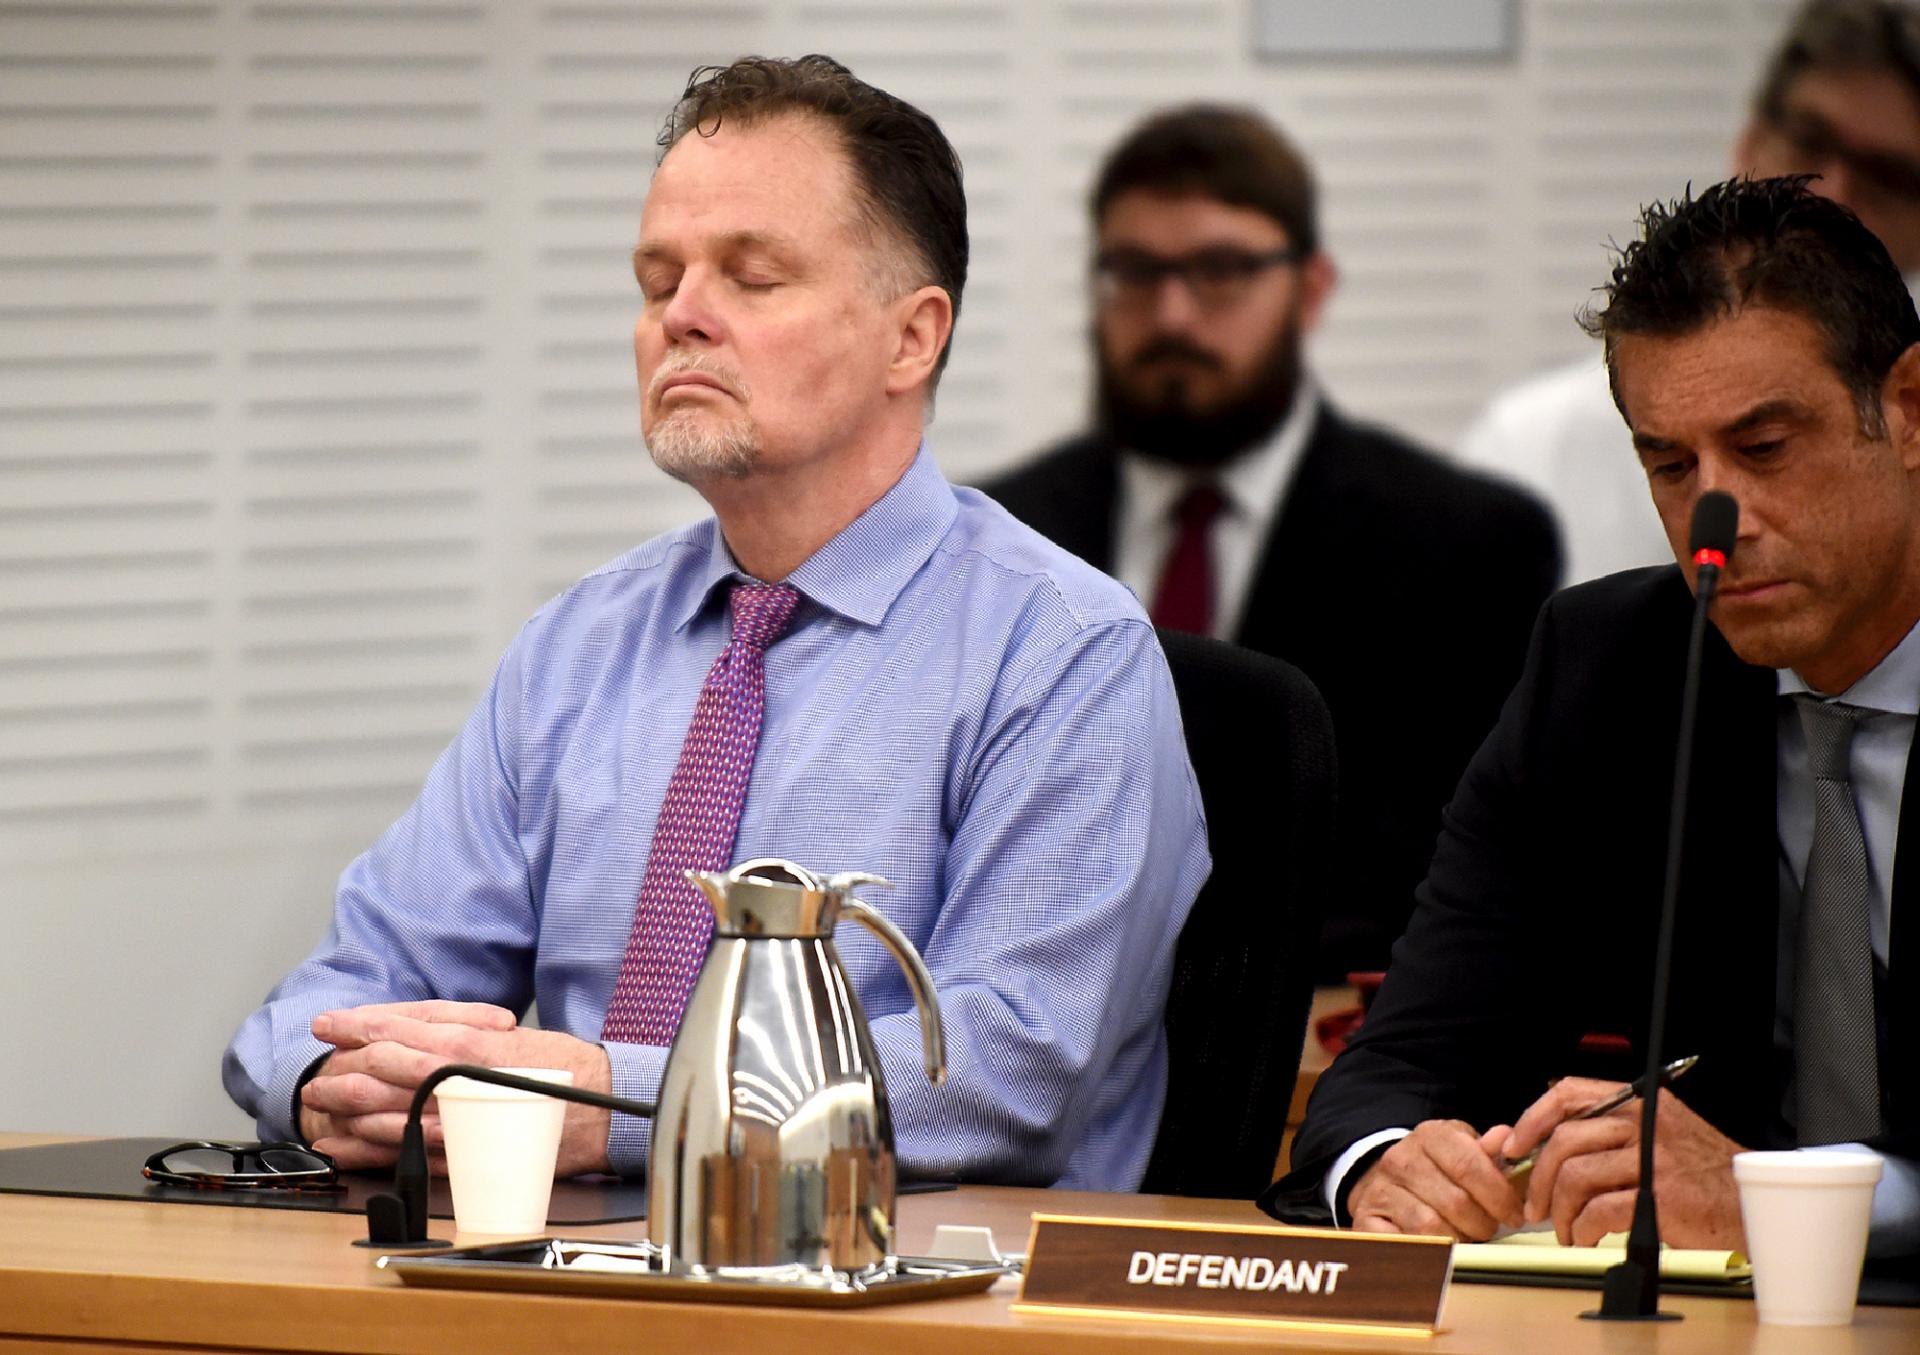 カリフォルニア人の死者の家族の4つの砂漠が死刑判決